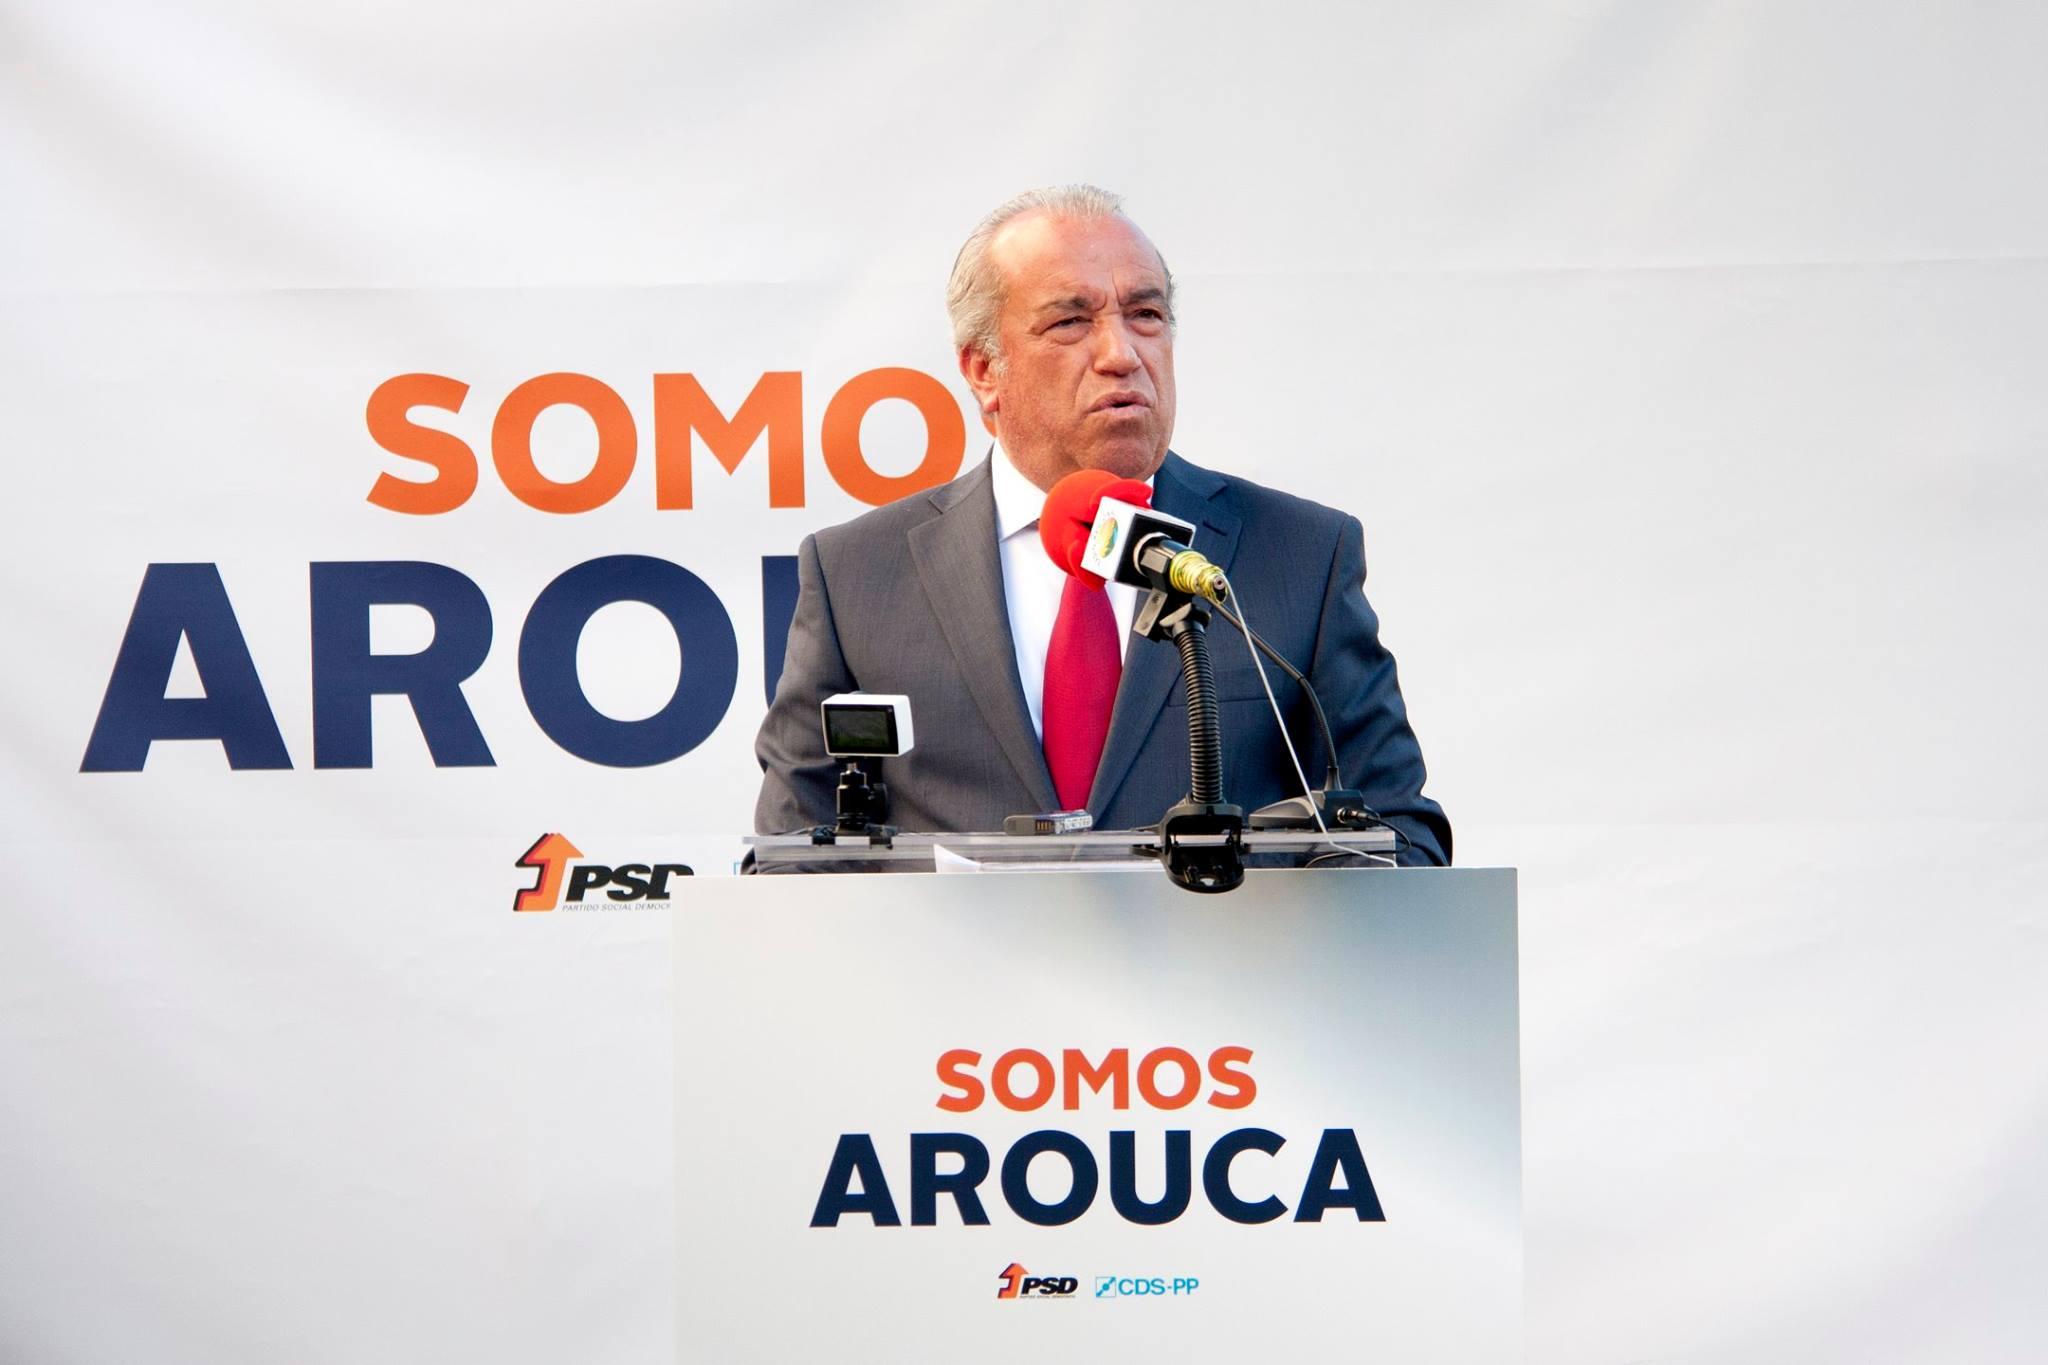 """Fernando Mendes: """"Sou um simples cidadão do mundo preocupado com o povo de Arouca"""""""